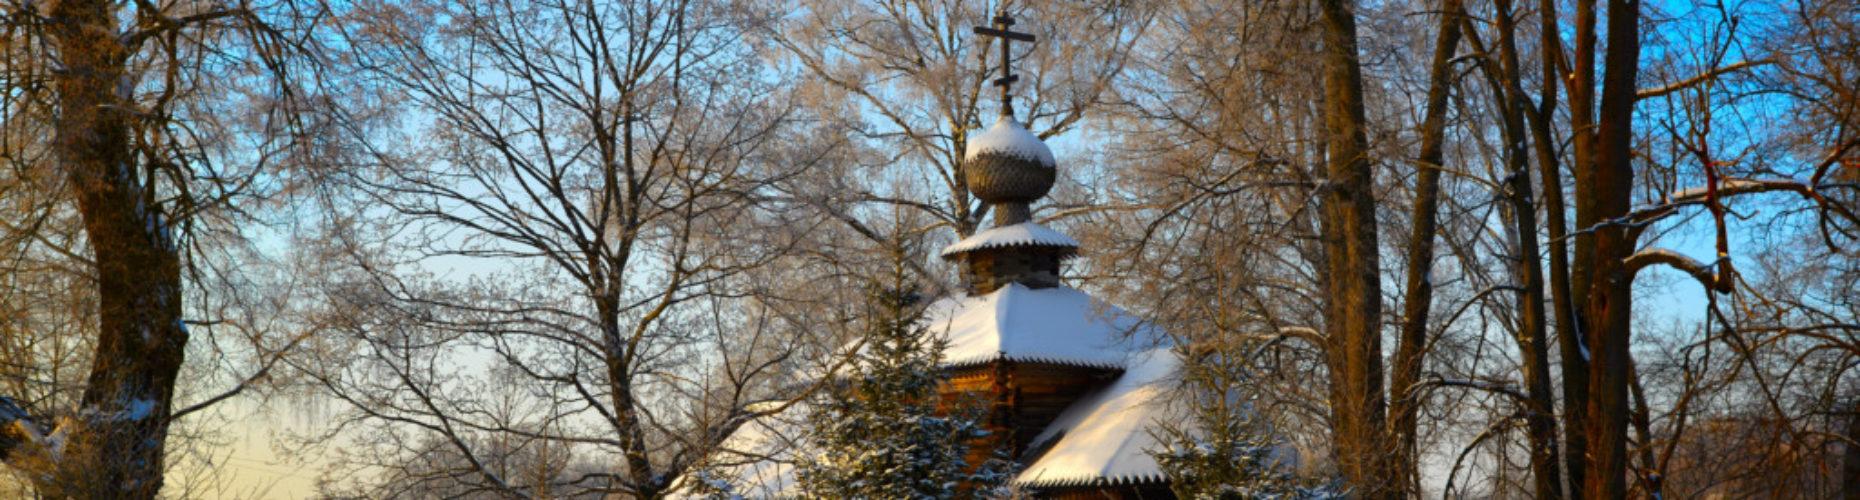 Никольский храм в деревне Васильевское